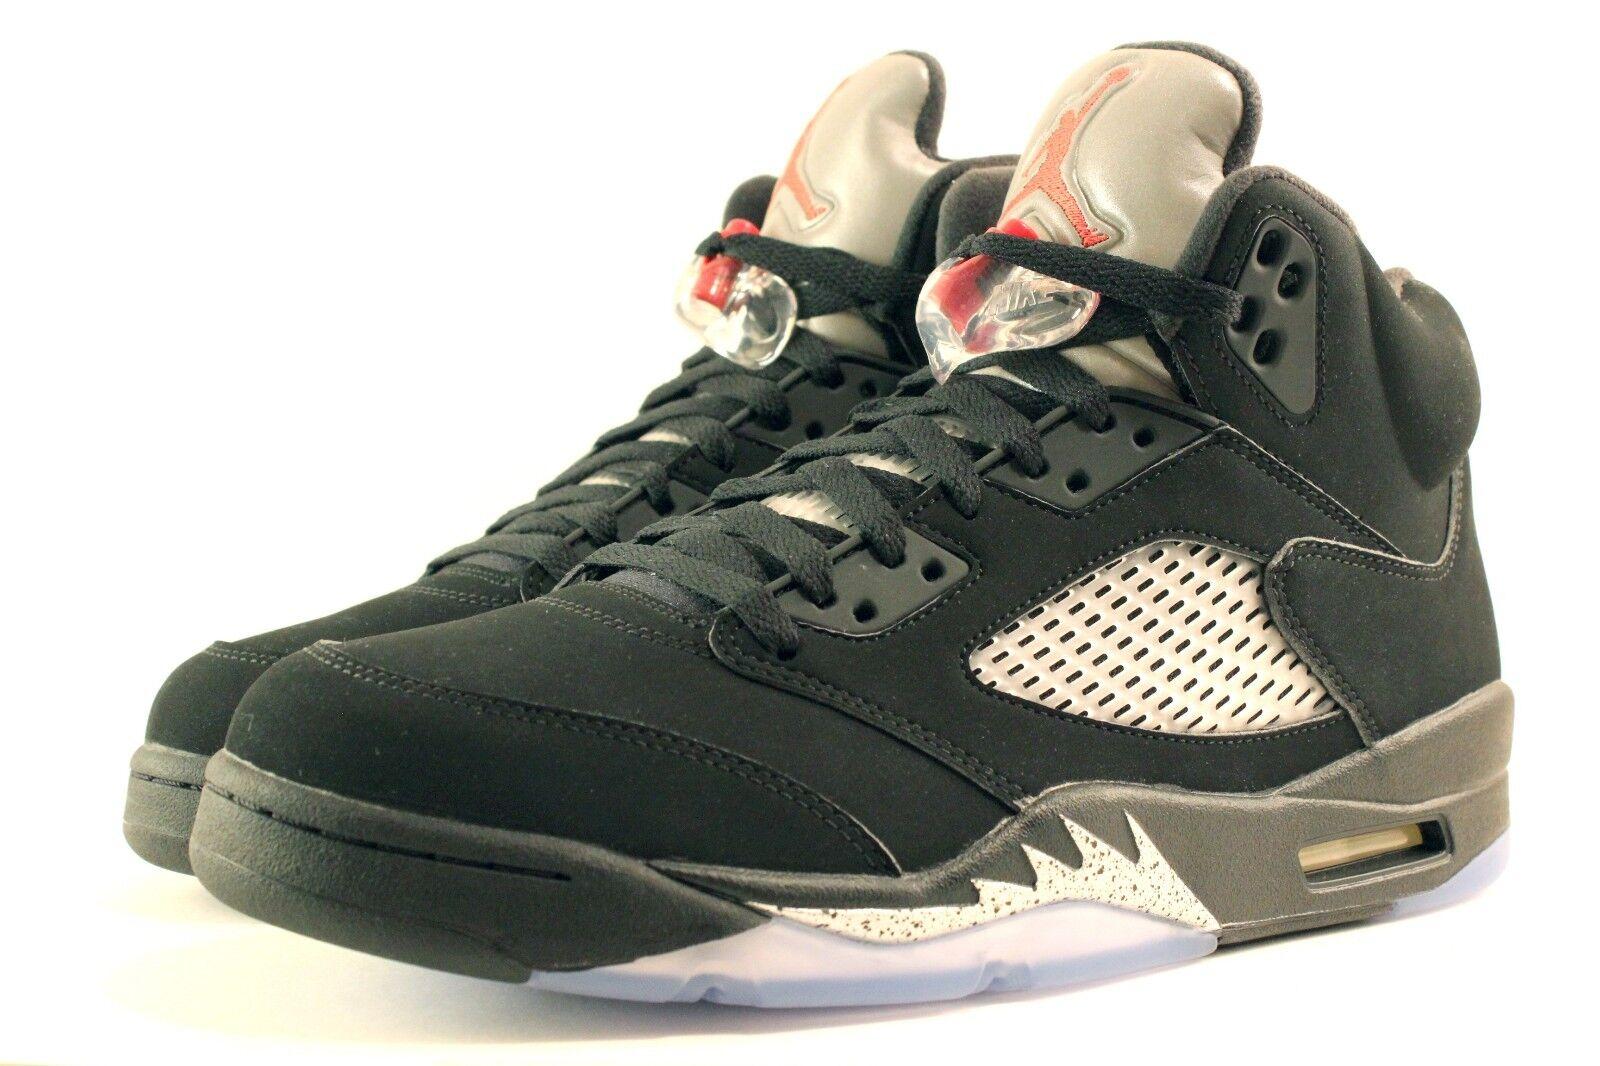 Nike Air Jordan Retro V 5 OG Black Metallic Silver 845035-003 Mens Size 10.5 DS